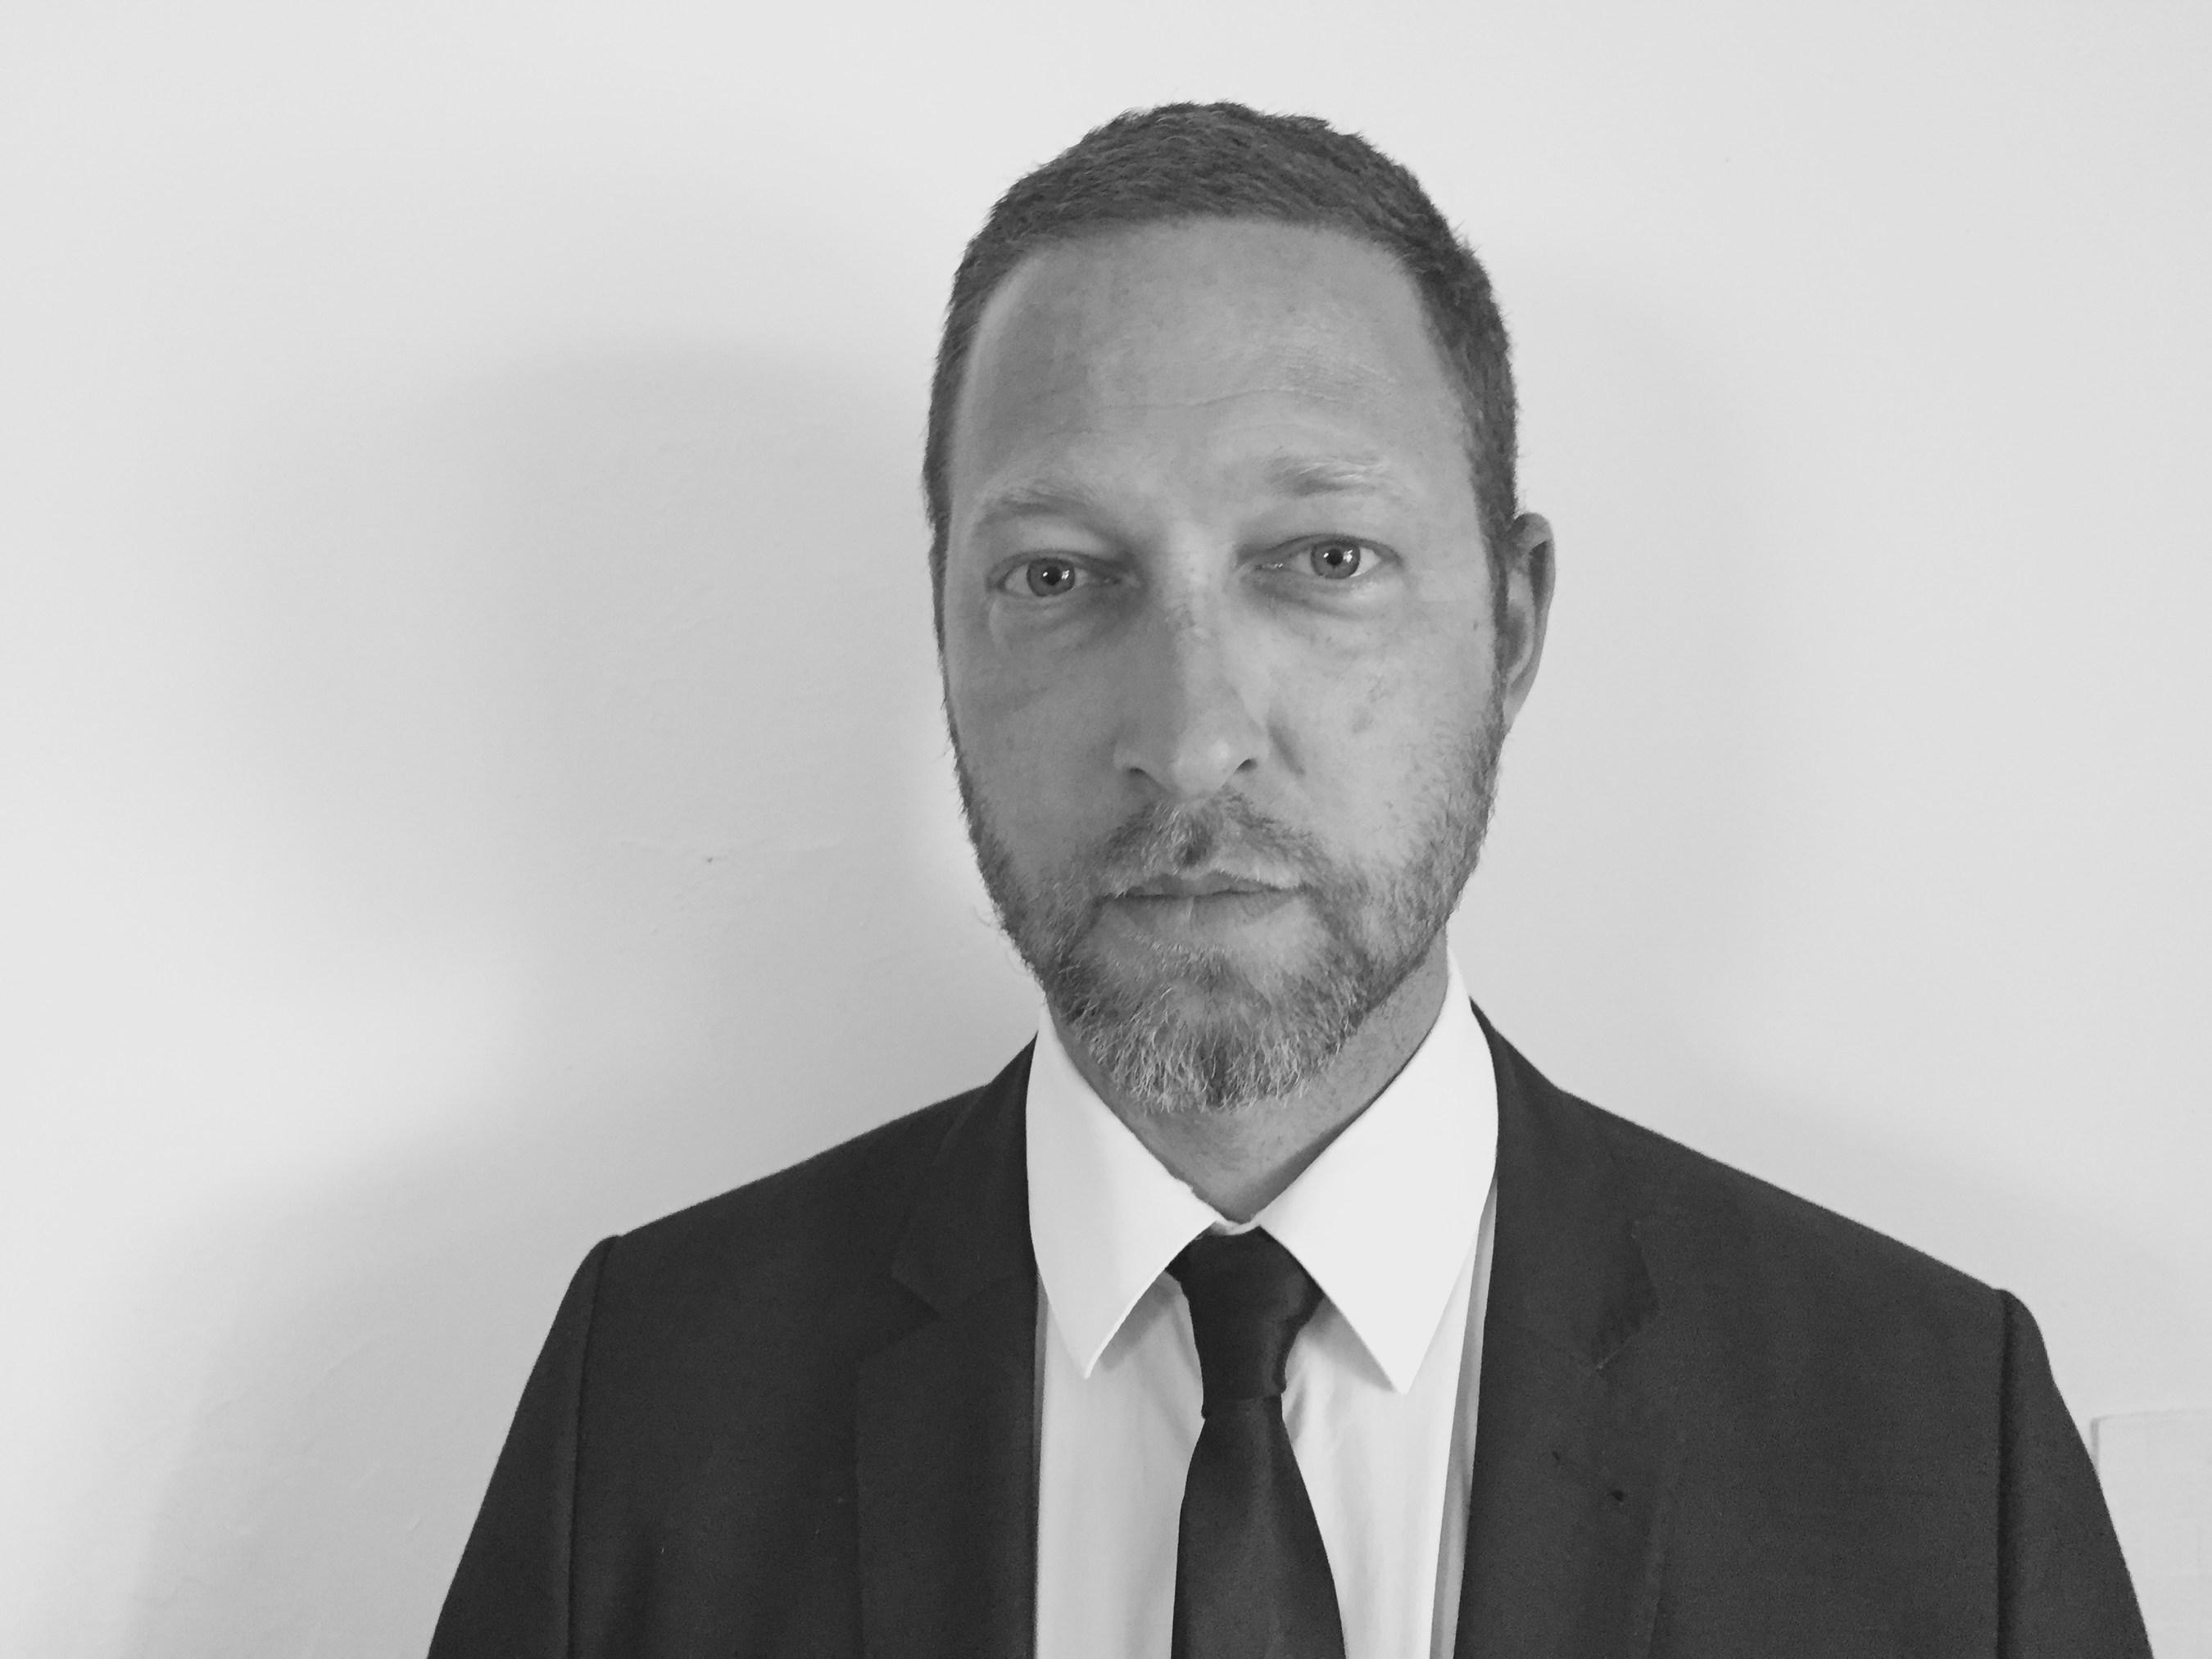 Motorsport.com - FRANCE Appoints Jean Haller Vice President of Media Sales